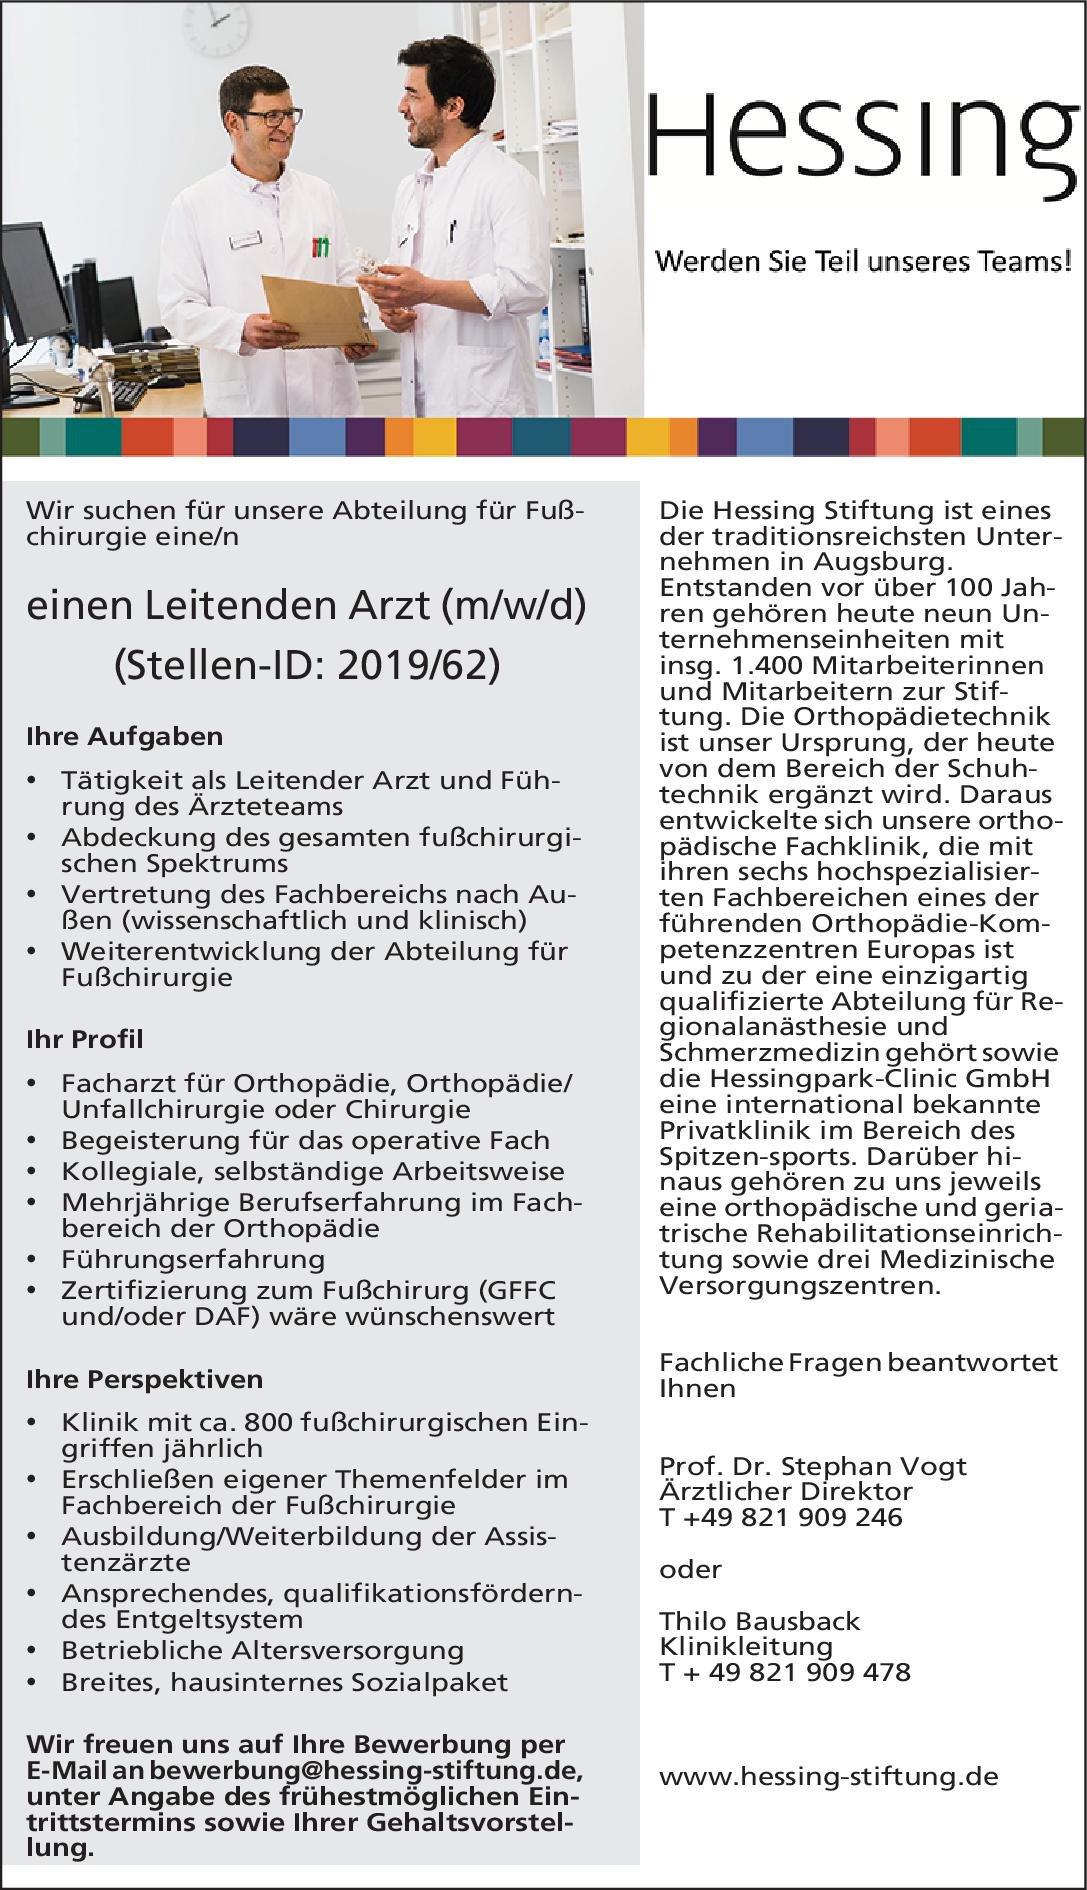 Hessing Stiftung Leitender Arzt (m/w/d) - Fußchirurgie  Allgemeinchirurgie, Orthopädie und Unfallchirurgie, Chirurgie Arzt/Facharzt, Ärztl. Leiter